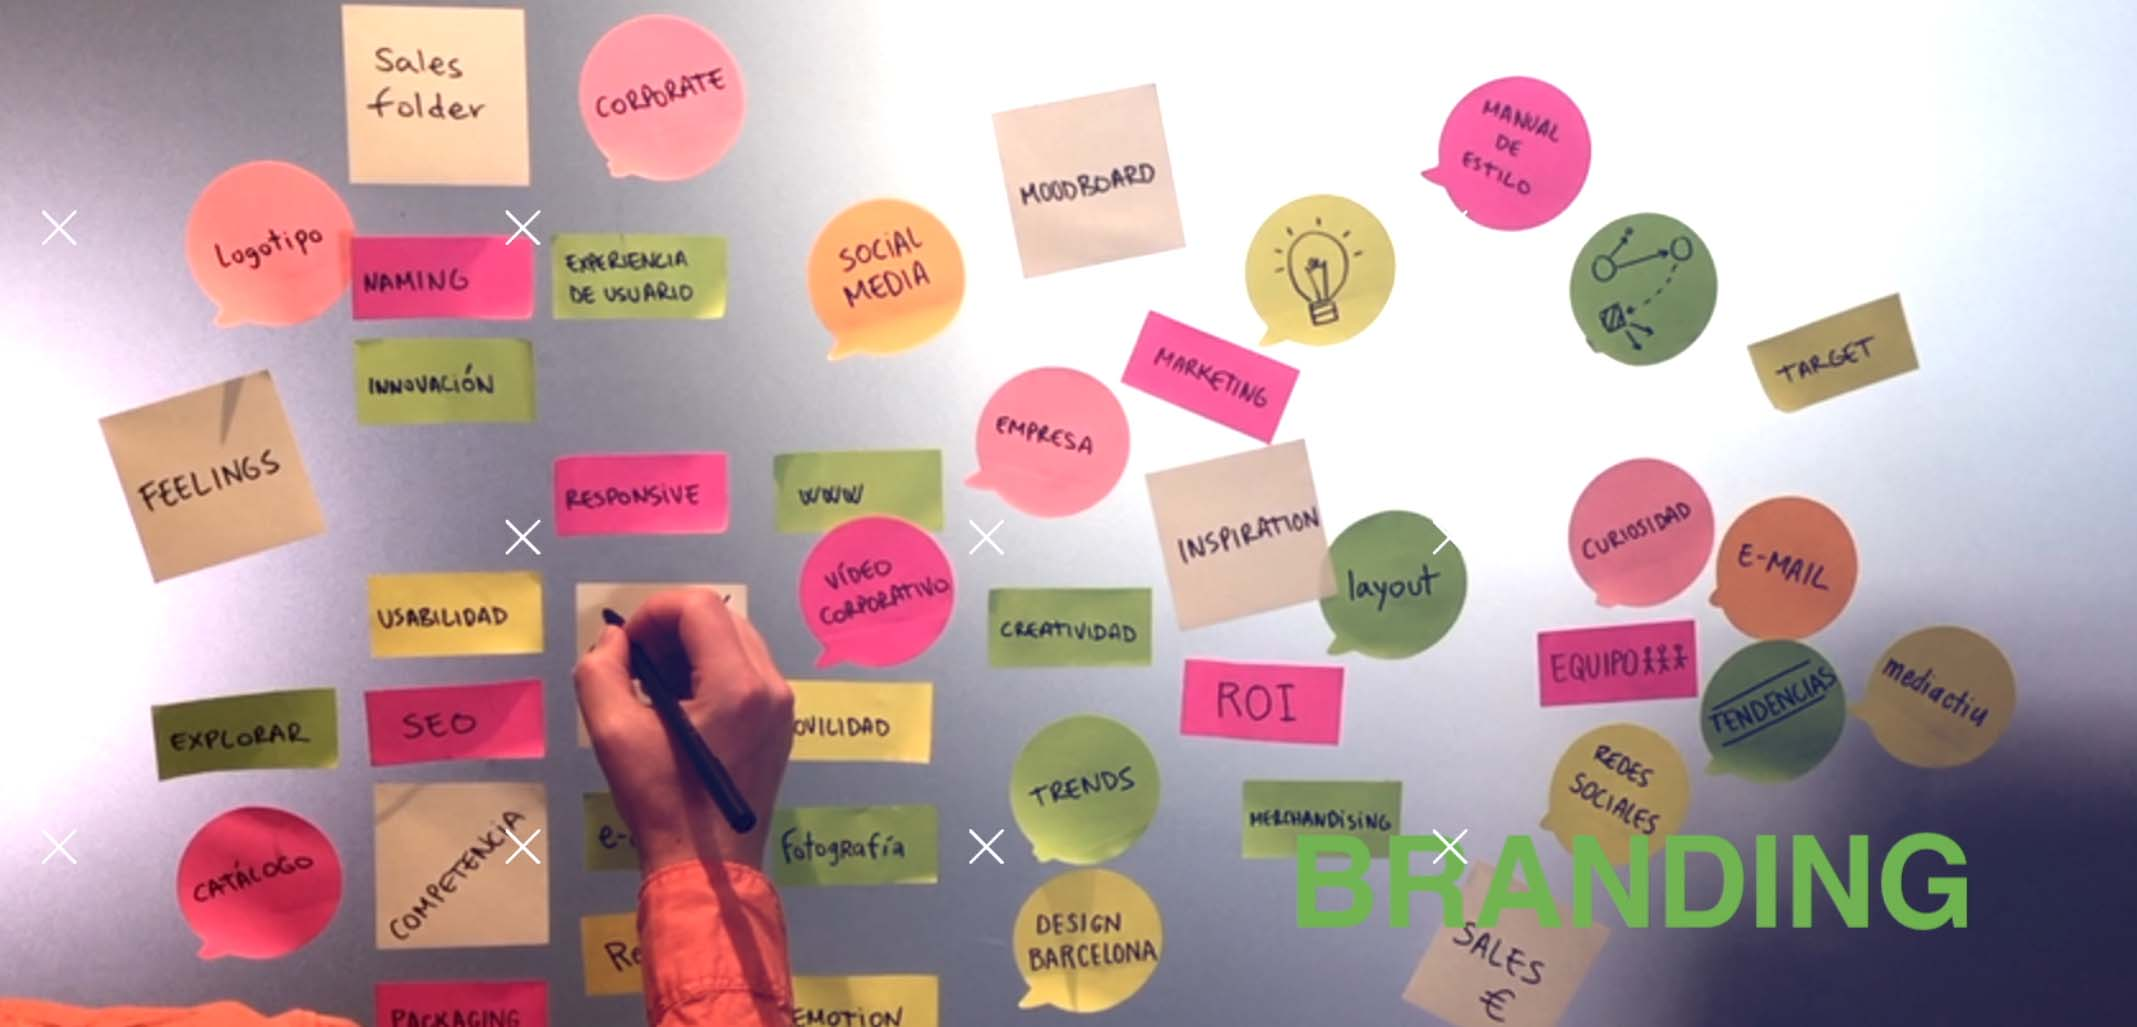 creacion branding barcelona - La importancia del posicionamiento de producto y del posicionamiento de marca